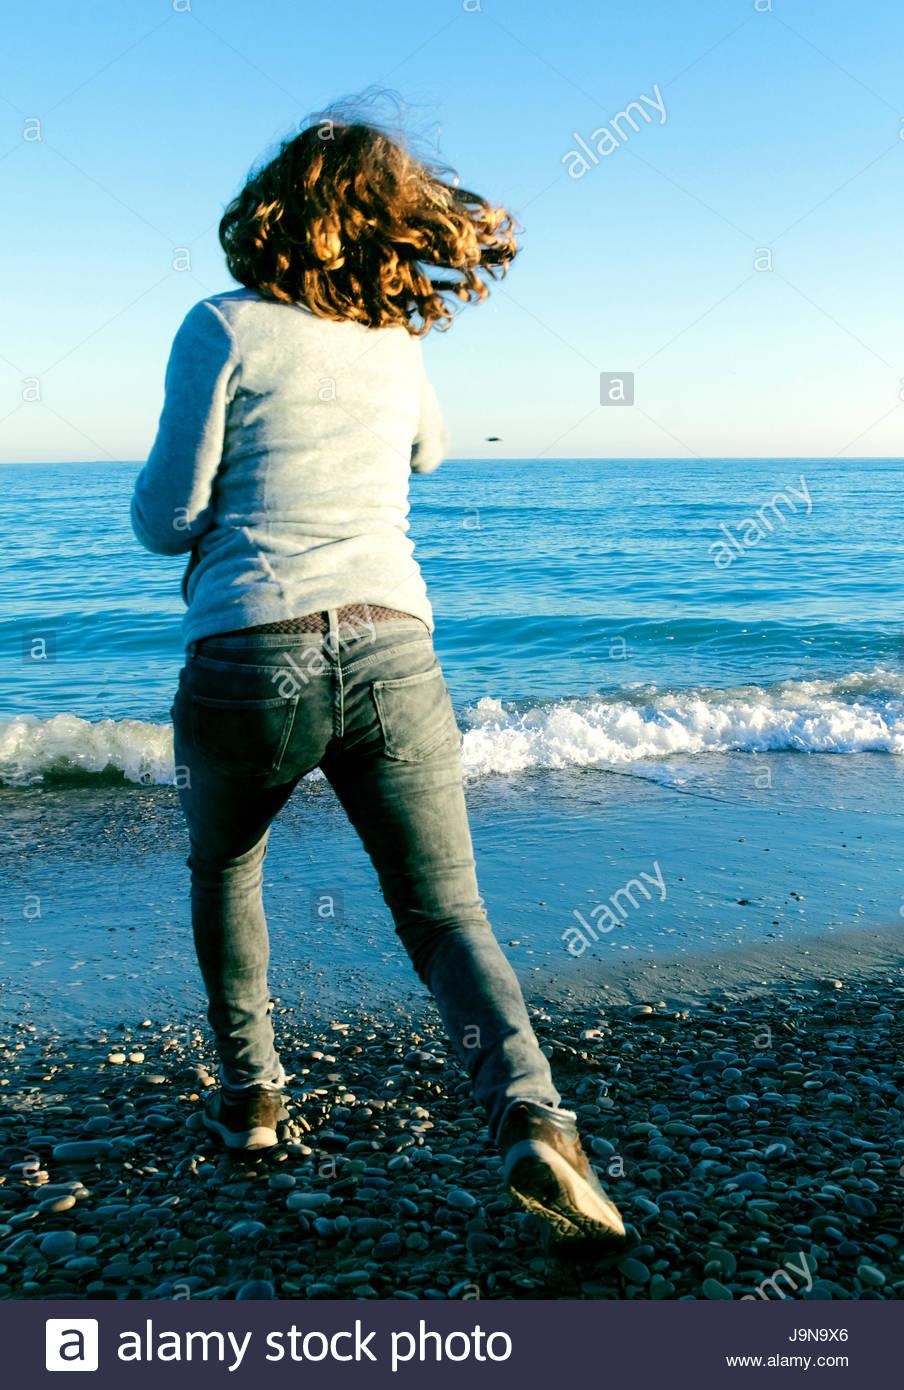 Chica lanzando una piedra al mar - Stock Image